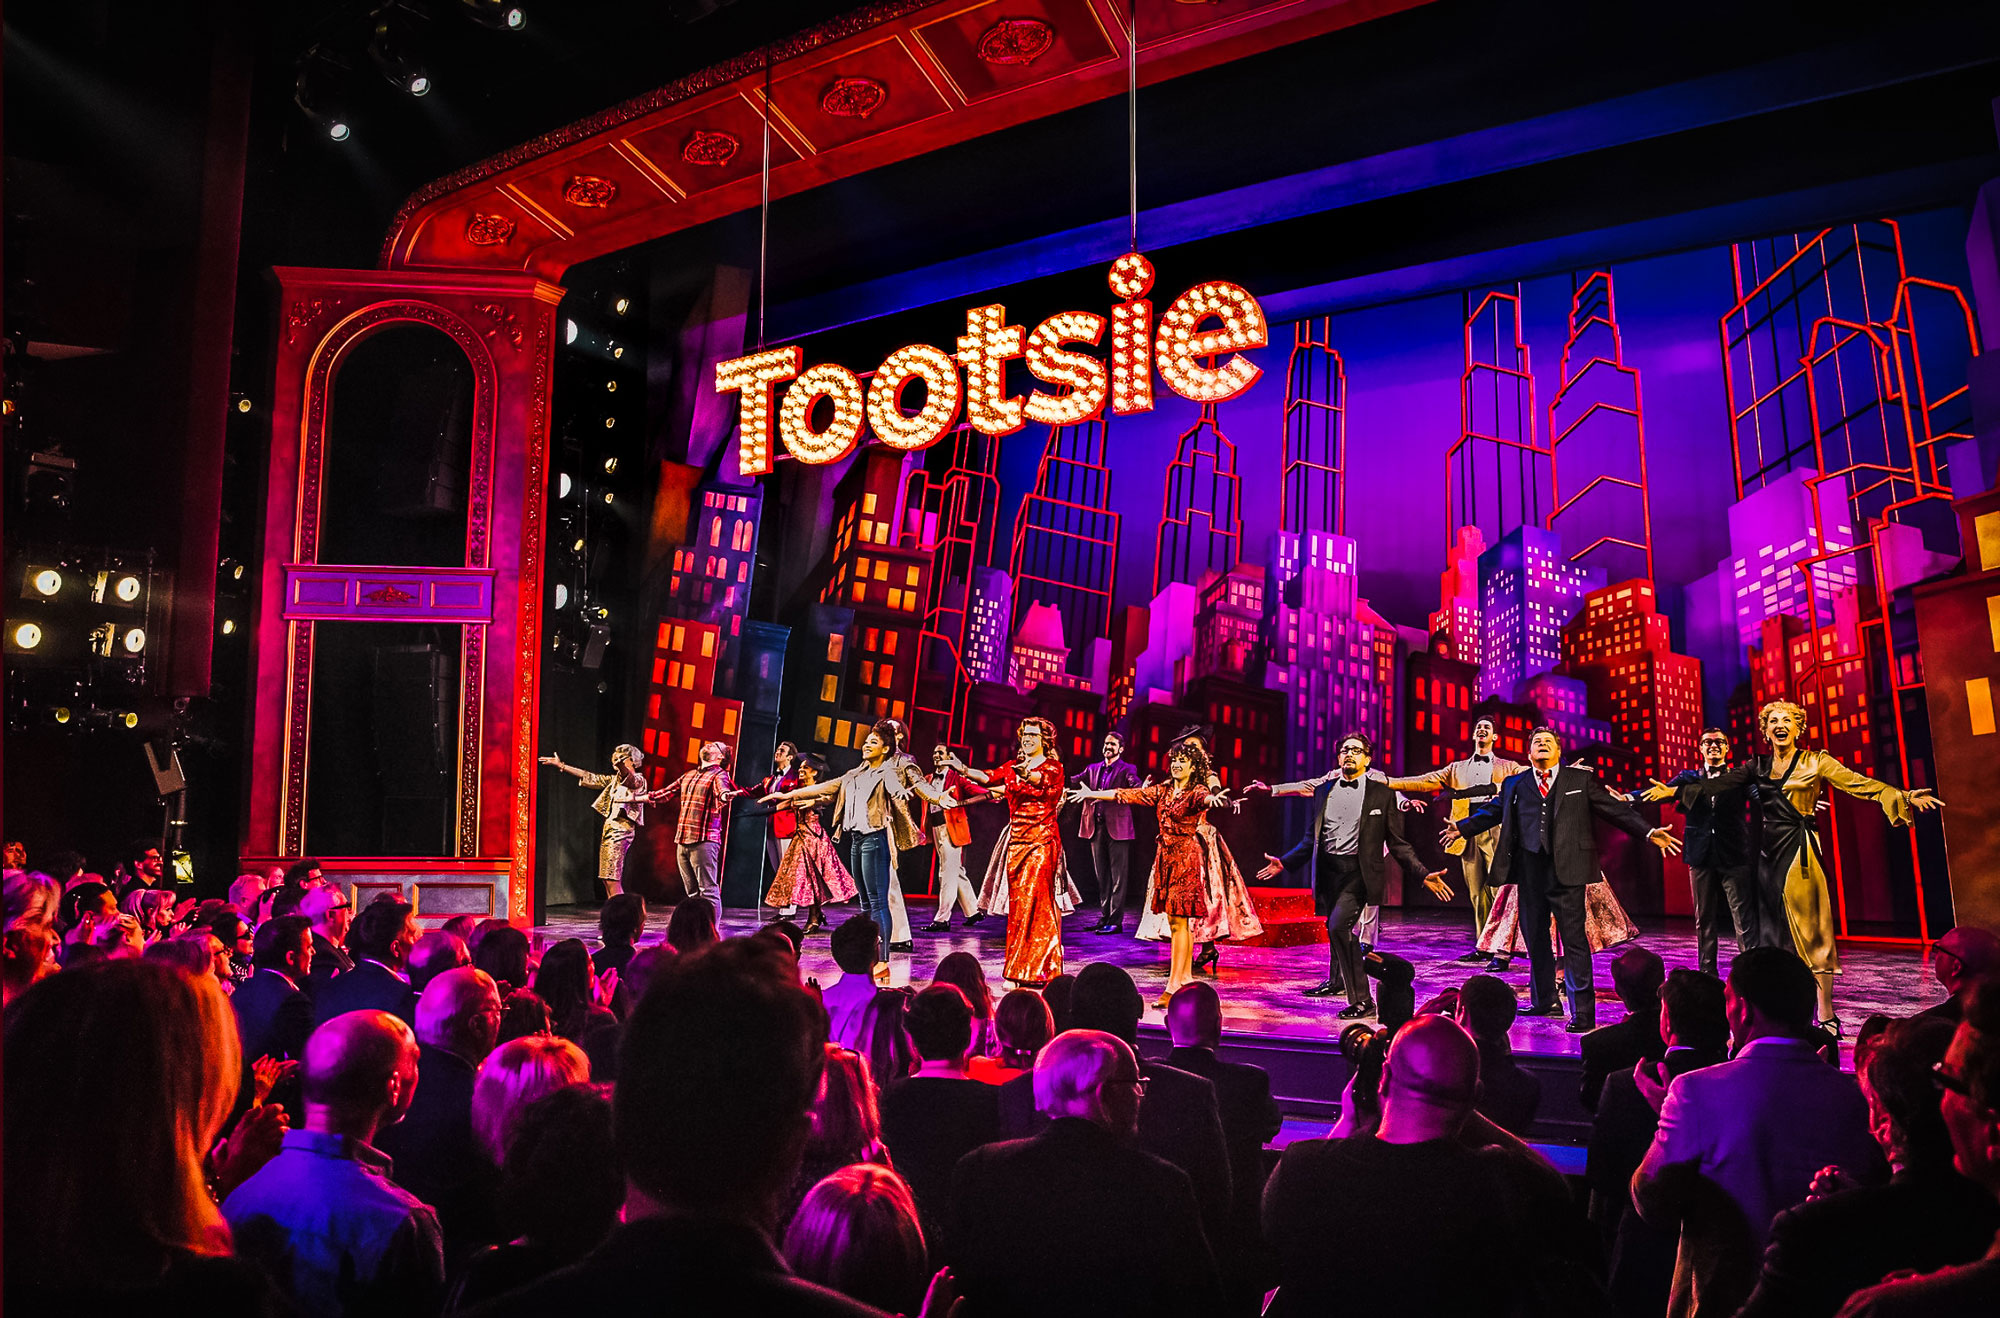 The Tootsie ensemble takes a curtain call.